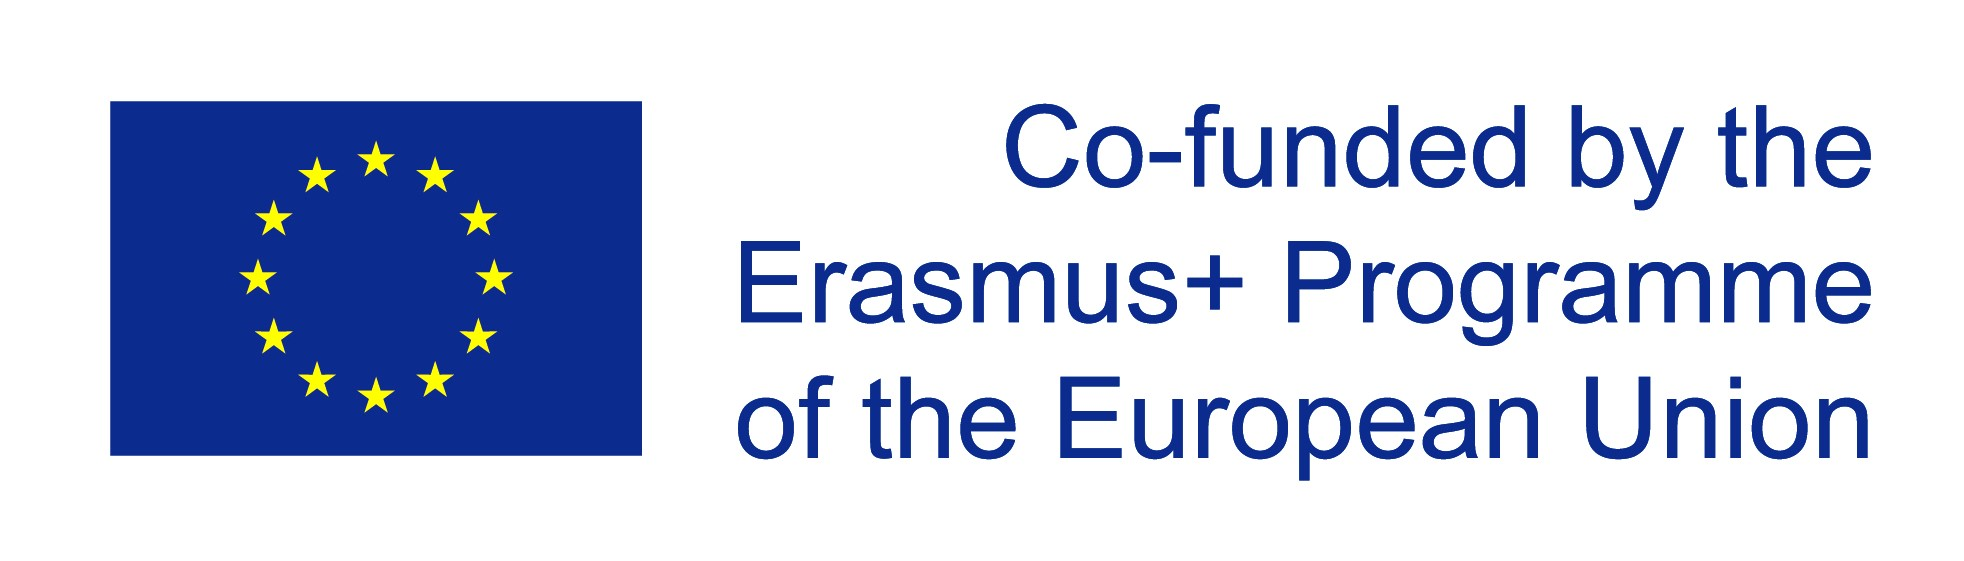 logo-europe.jpg